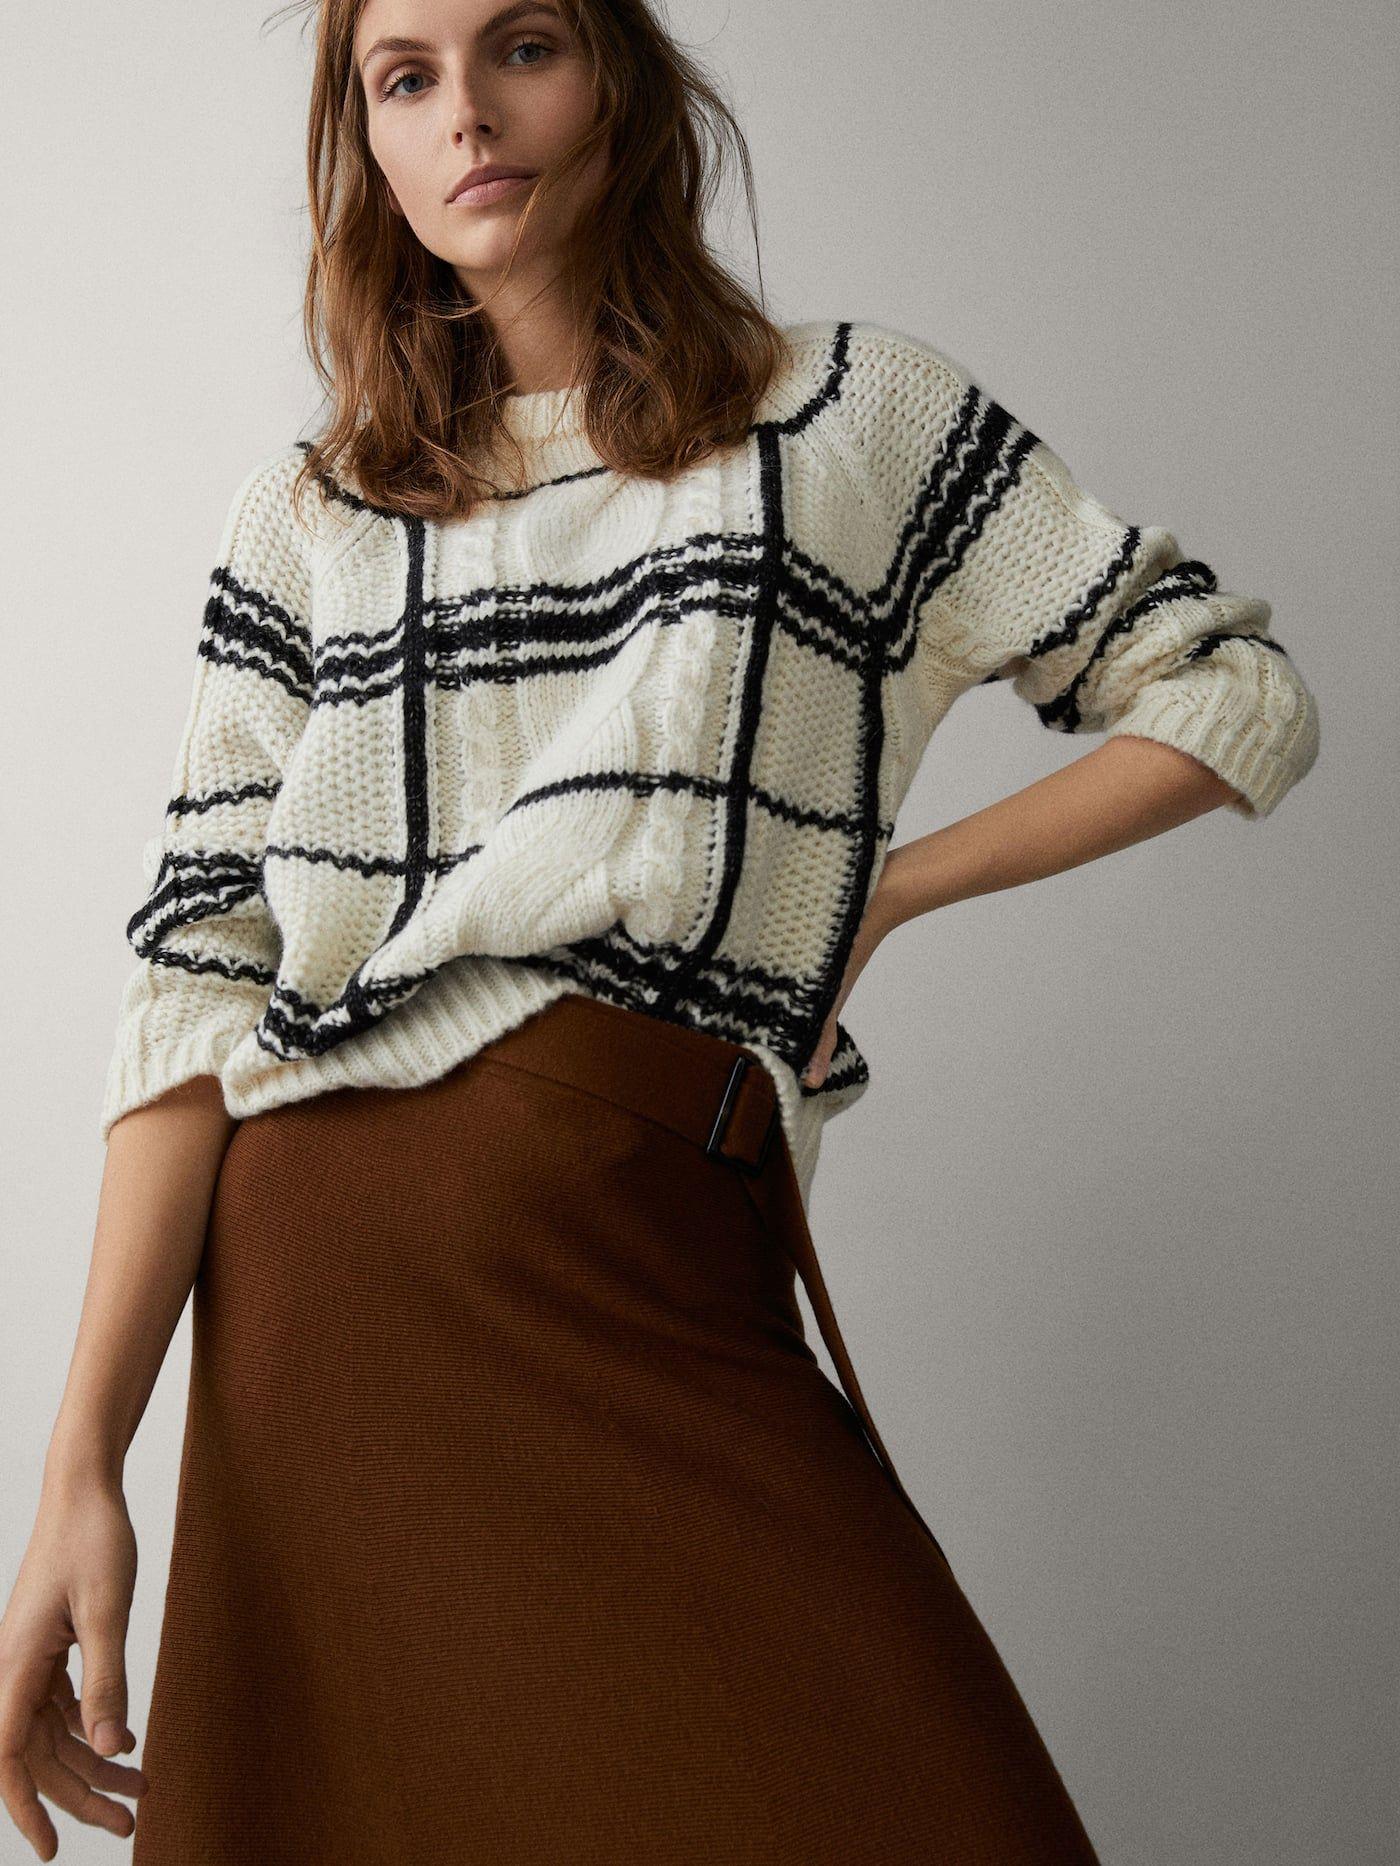 Check intarsia sweater in 2019